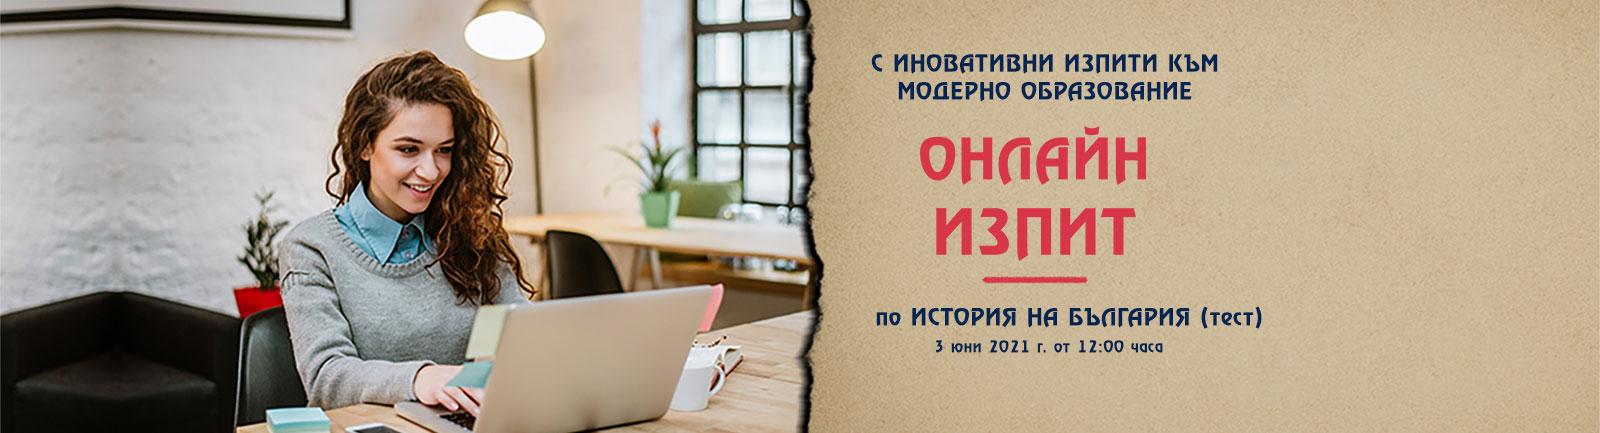 onlain-izpit-istoriya-03062021